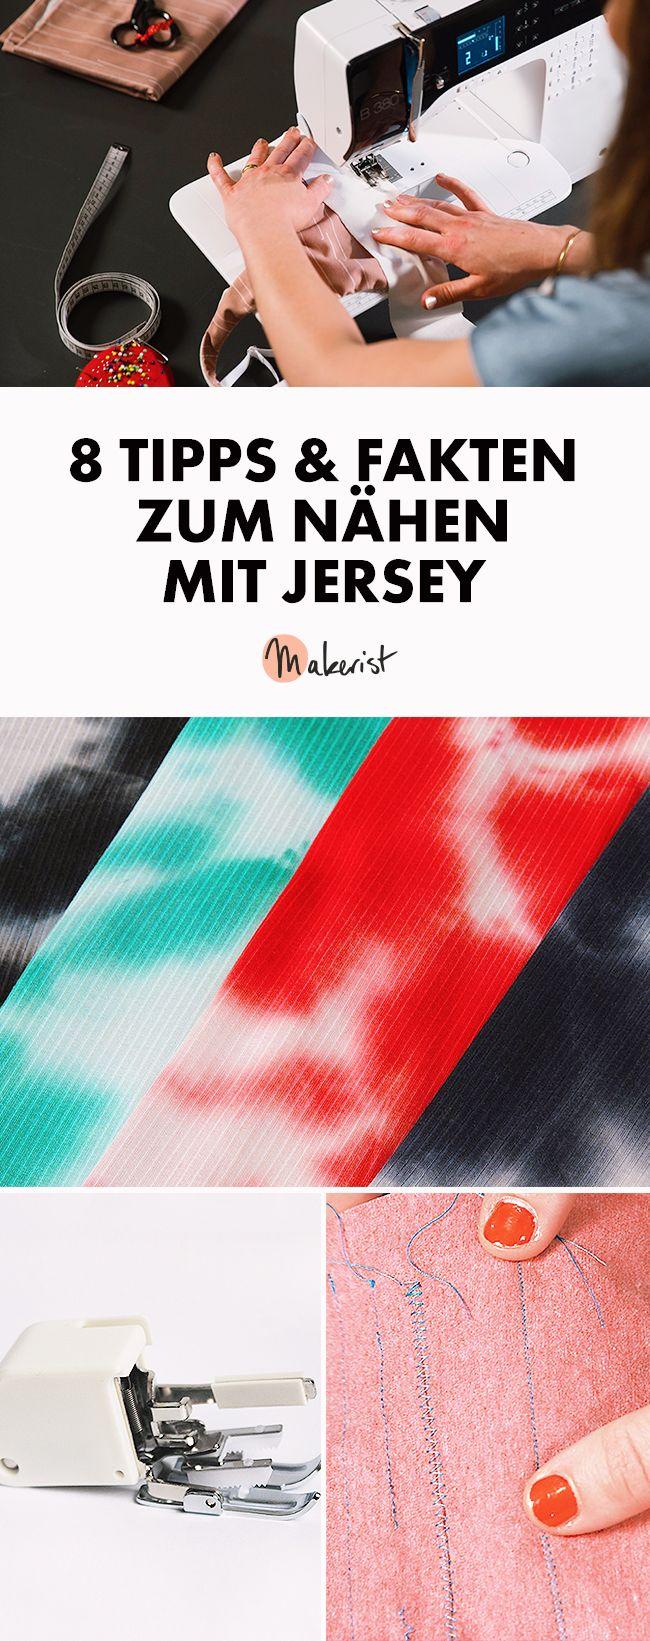 Photo of 8 Tipps und Fakten zum Nähen mit Jersey für Nähanfänger via Makerist.de #nä…